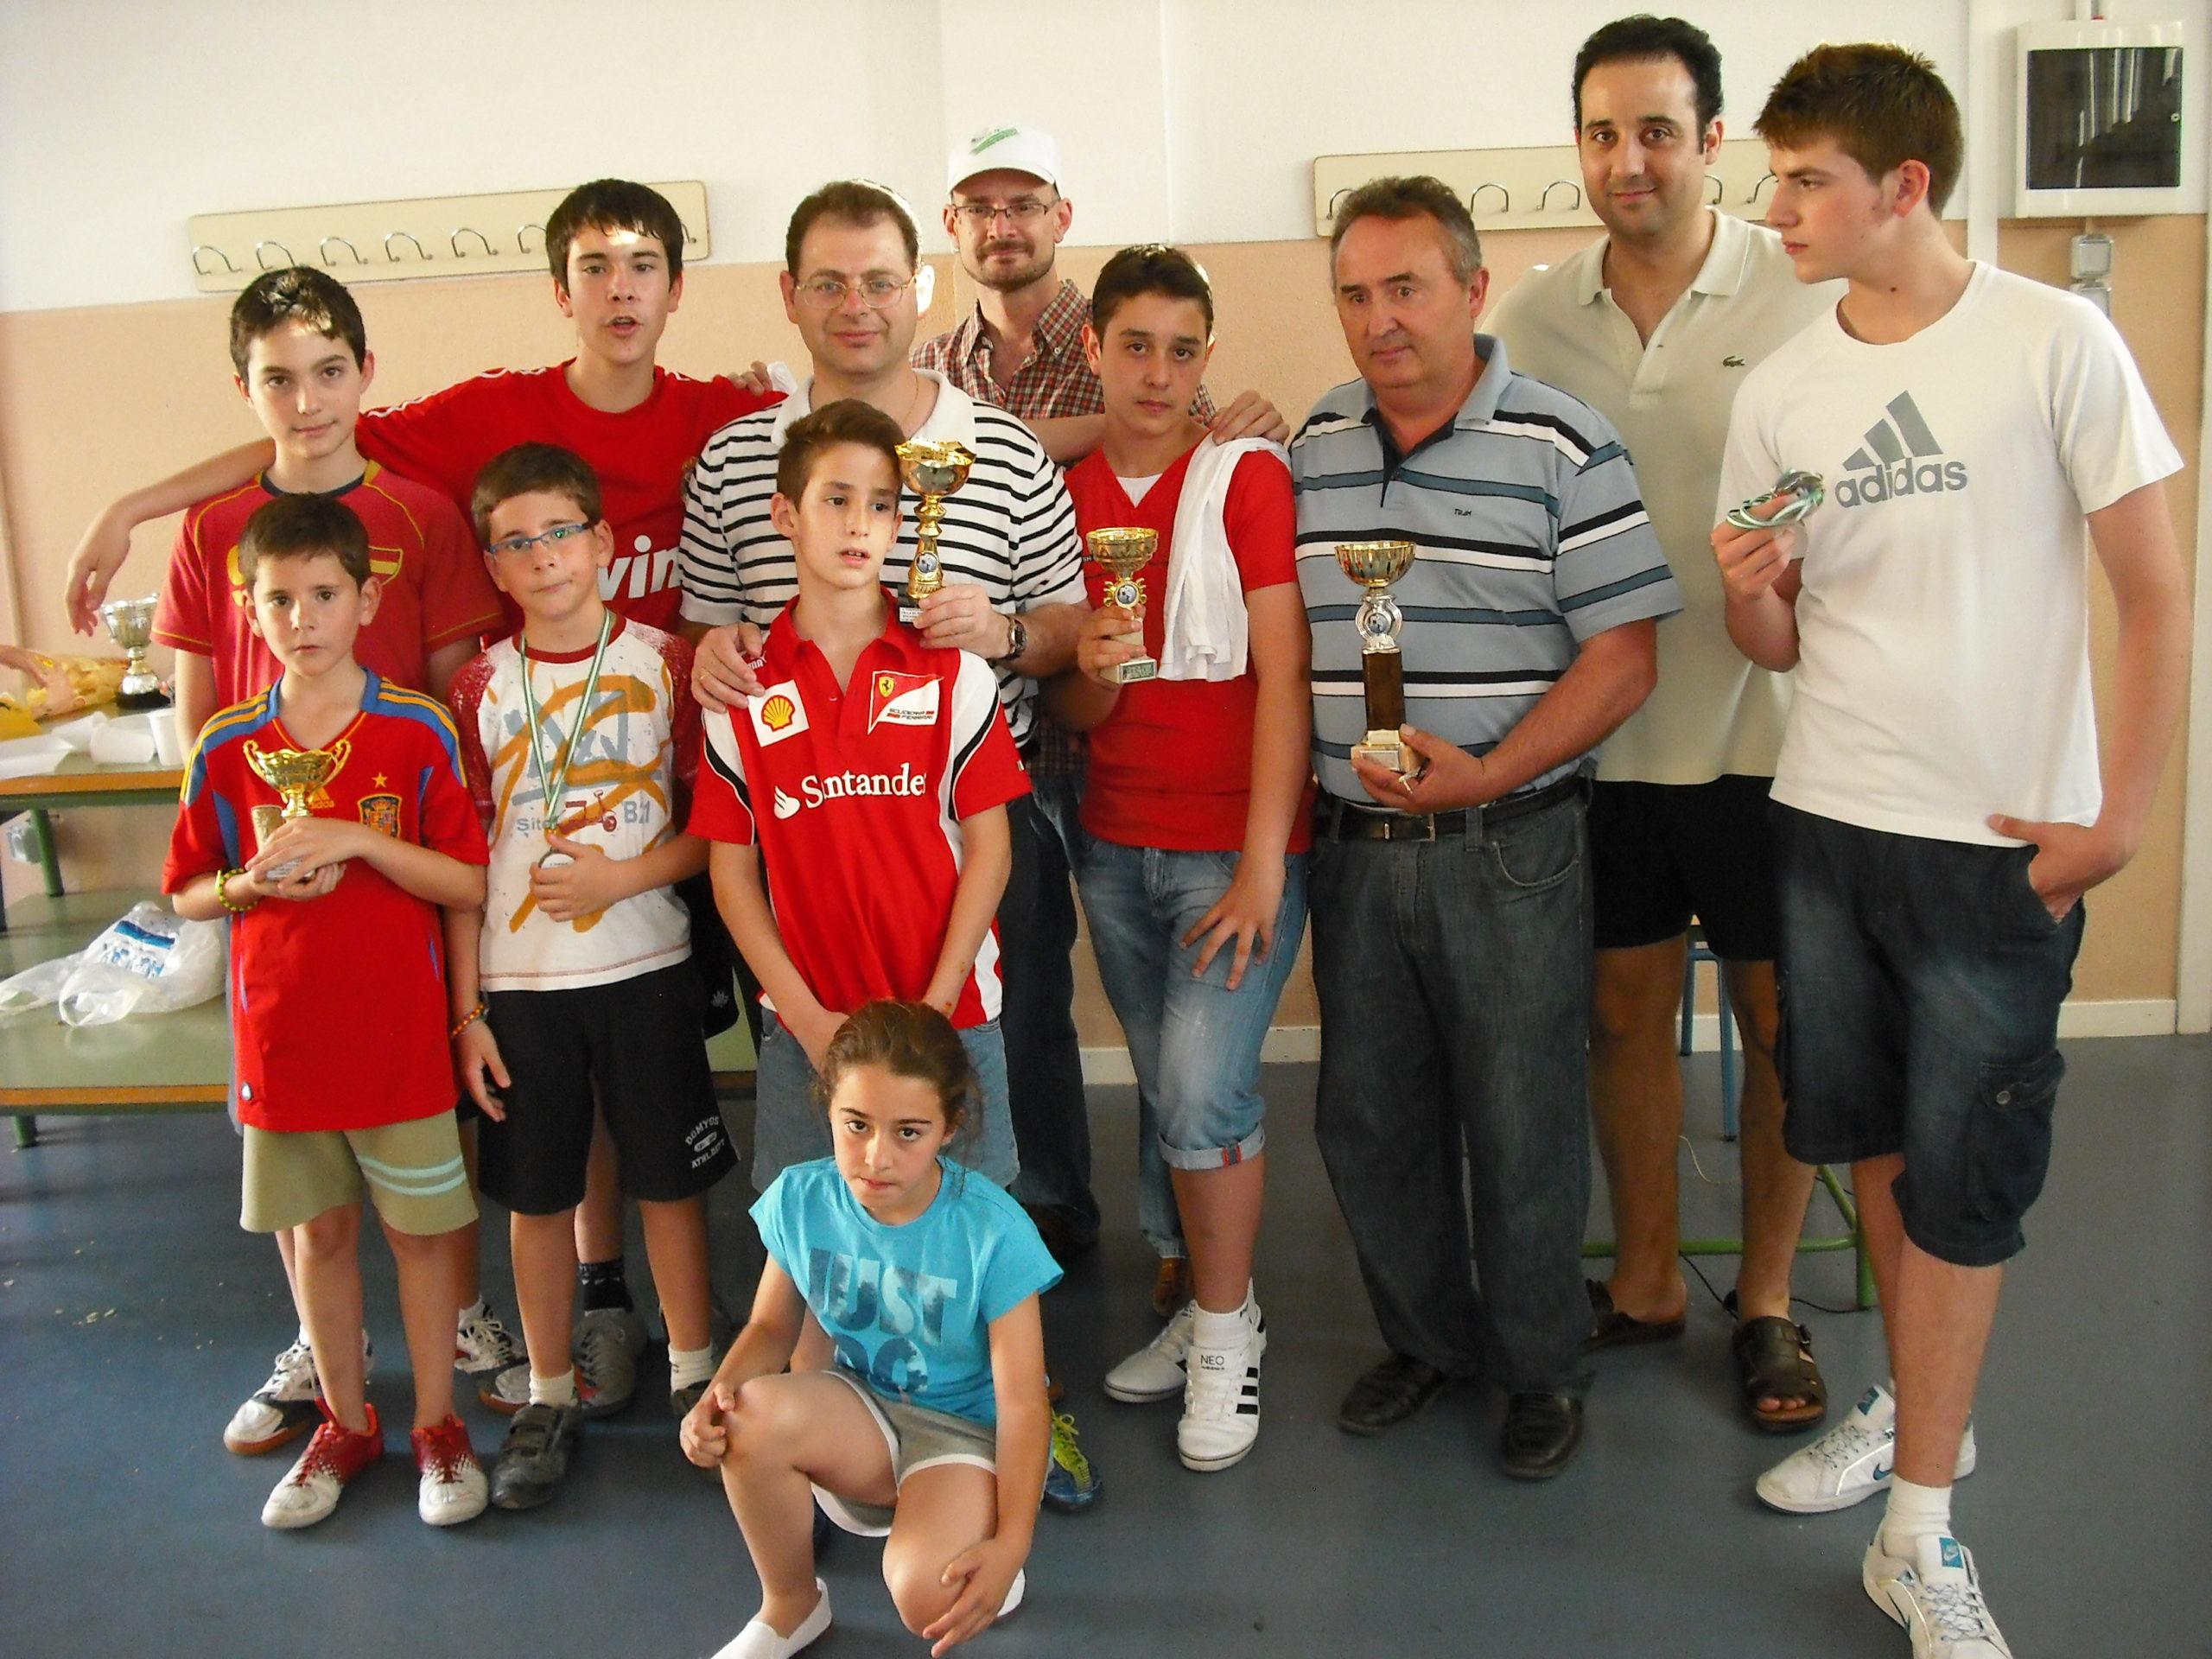 Torneo Ajedrez Relampago Villa Puente Genil 2012